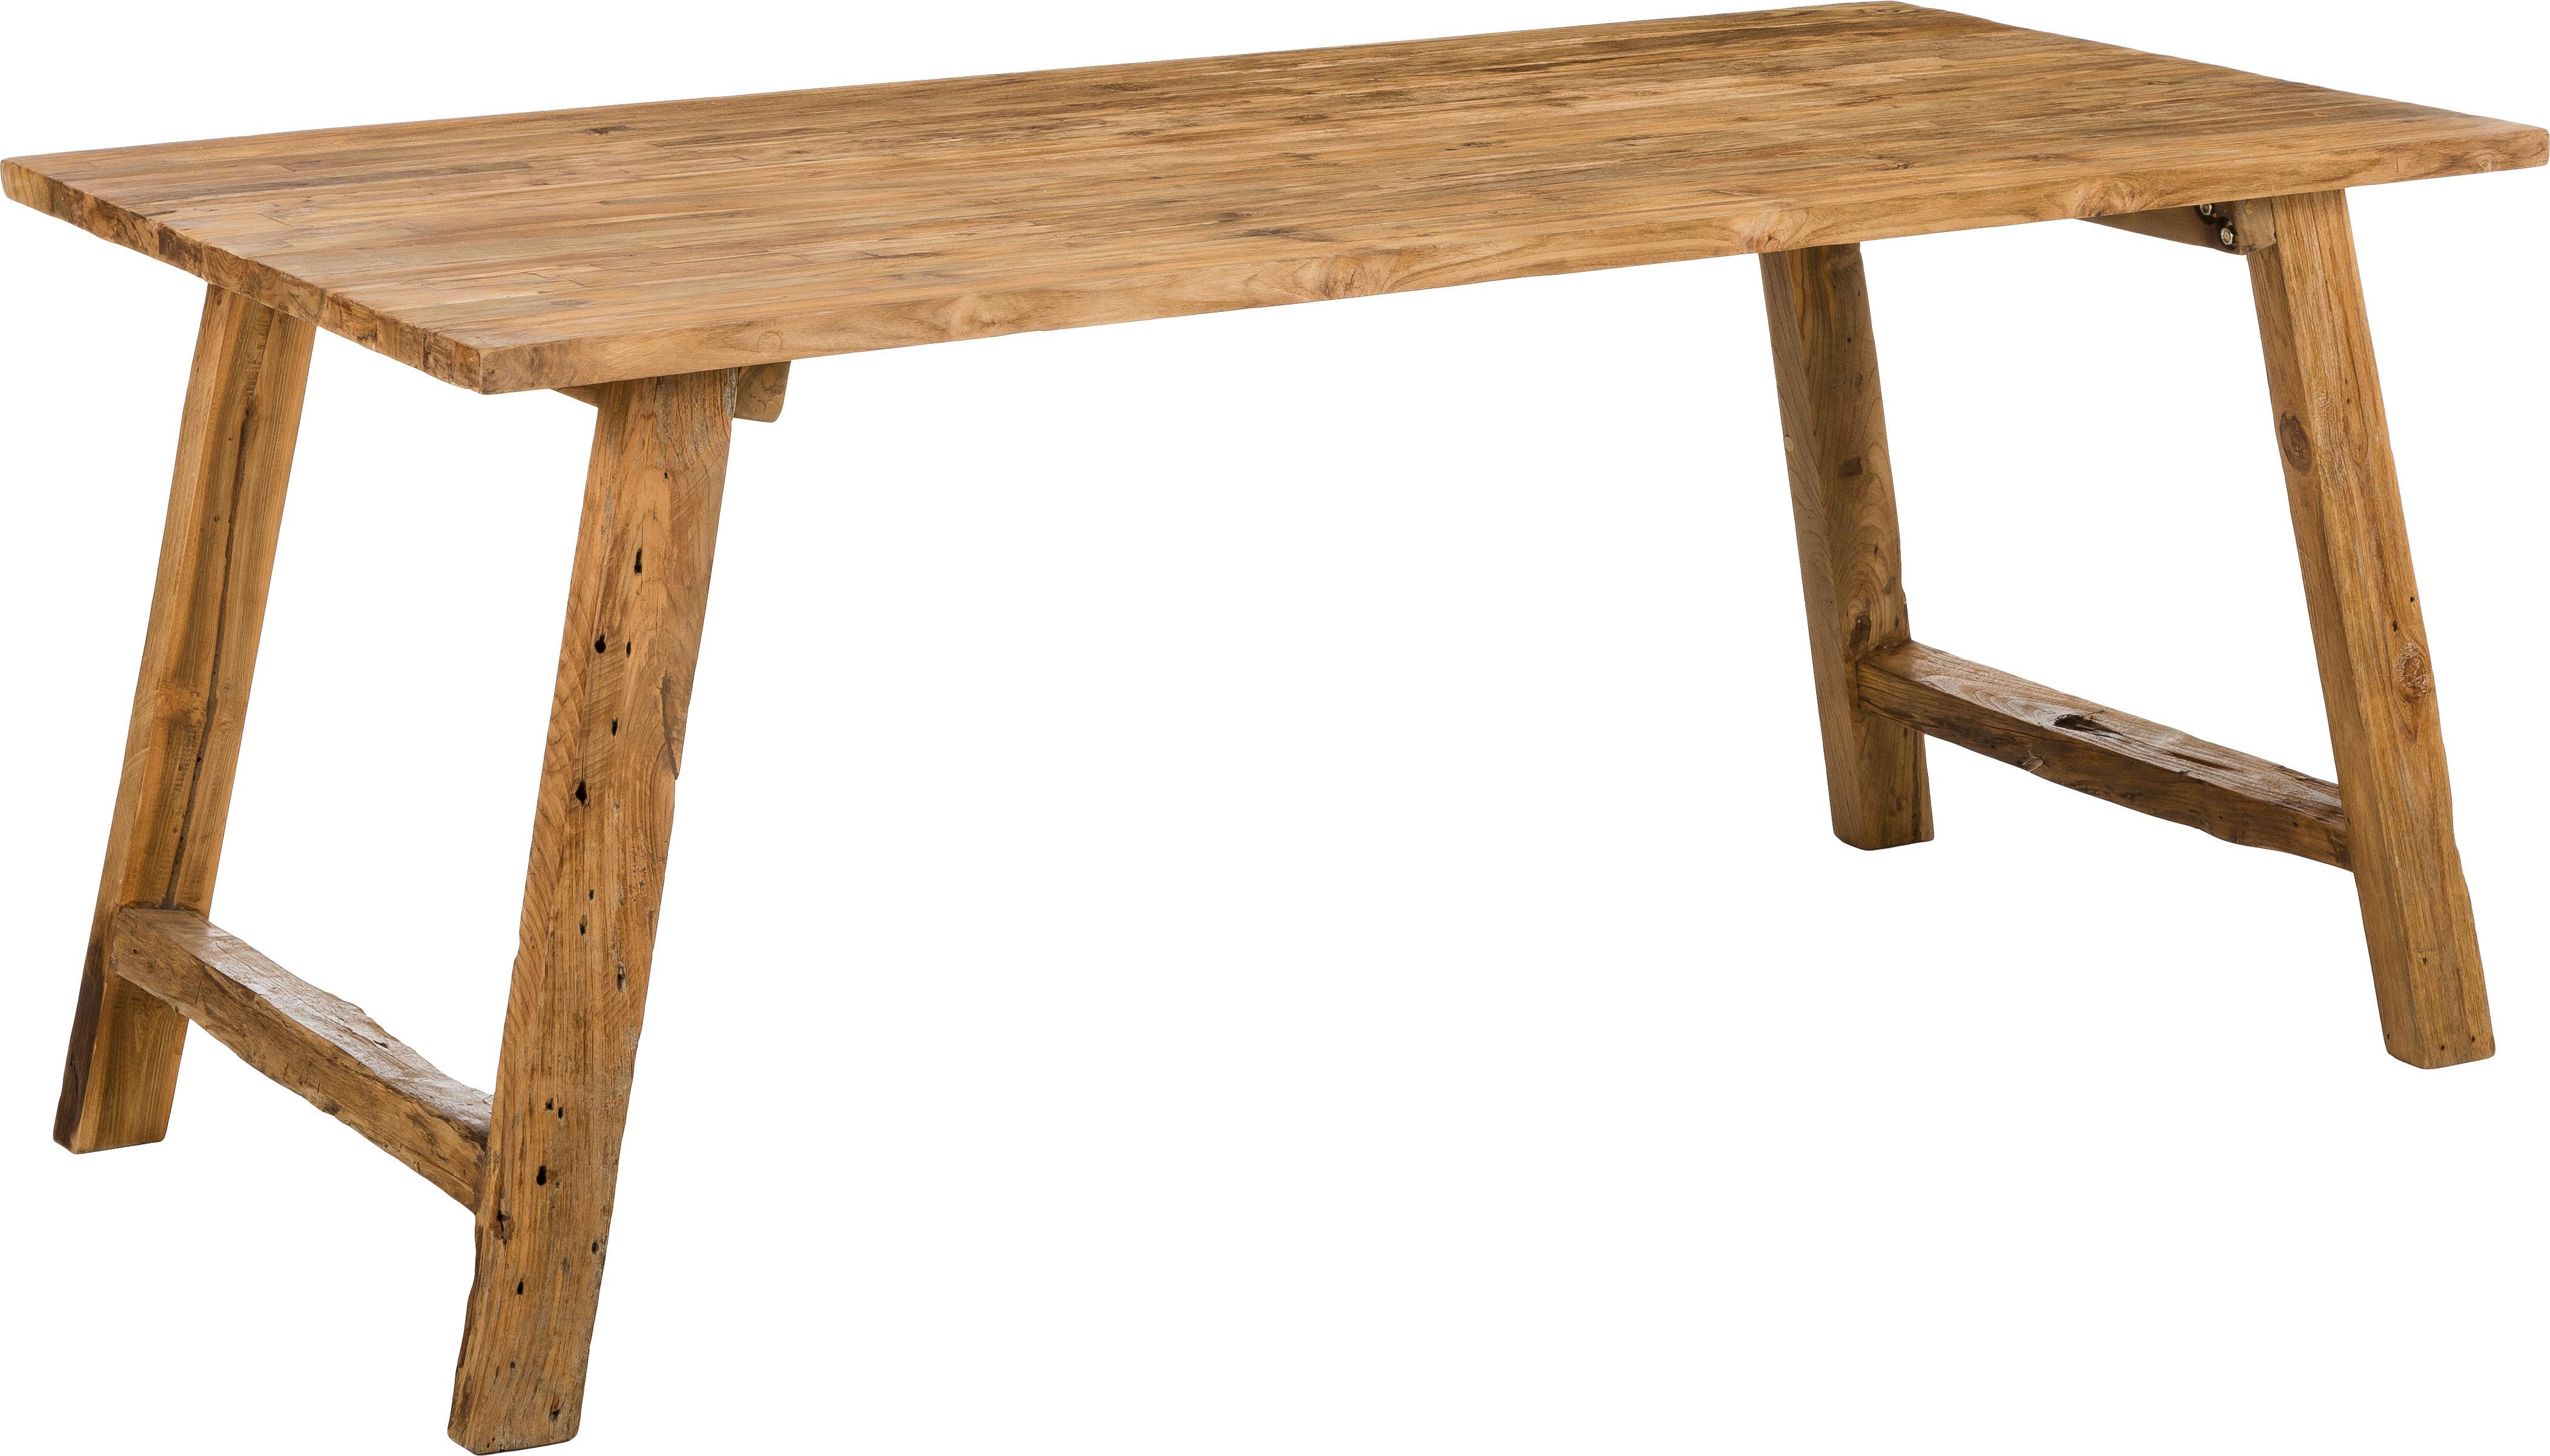 Stół do jadalni z litego drewna tekowego Lawas, Naturalne drewno tekowe, Drewno tekowe, S 180 x G 90 cm